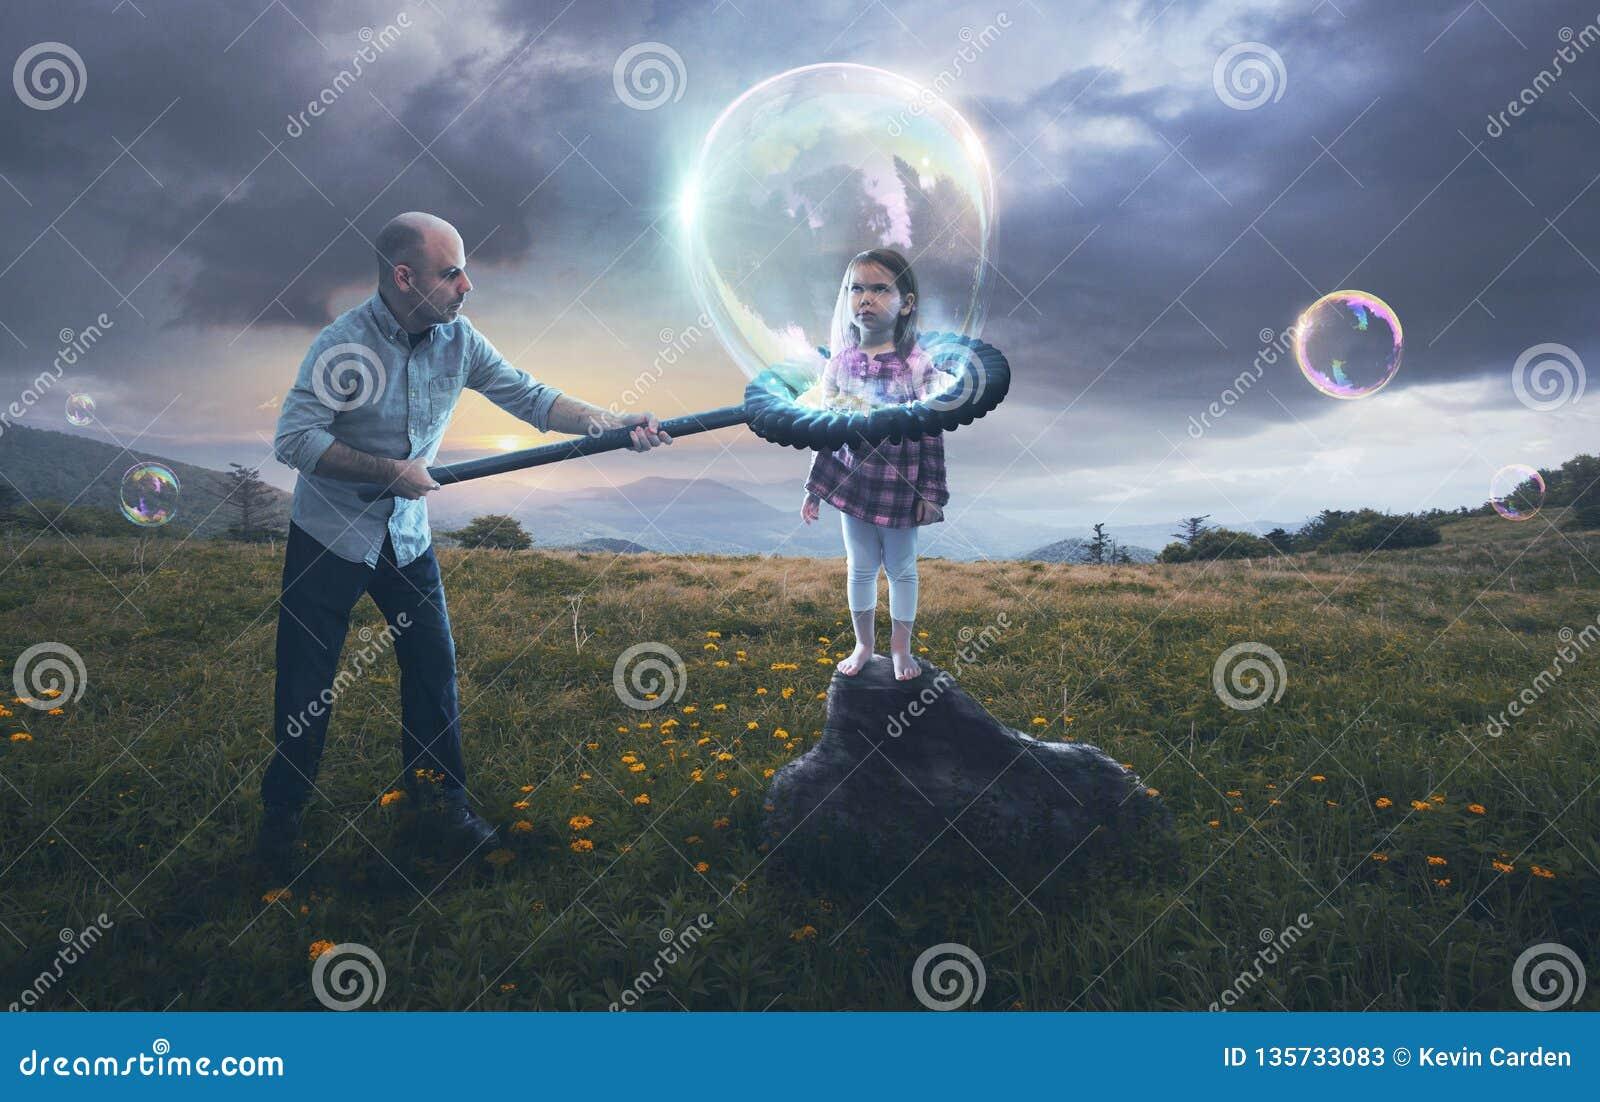 Padre che mette bambino in una bolla